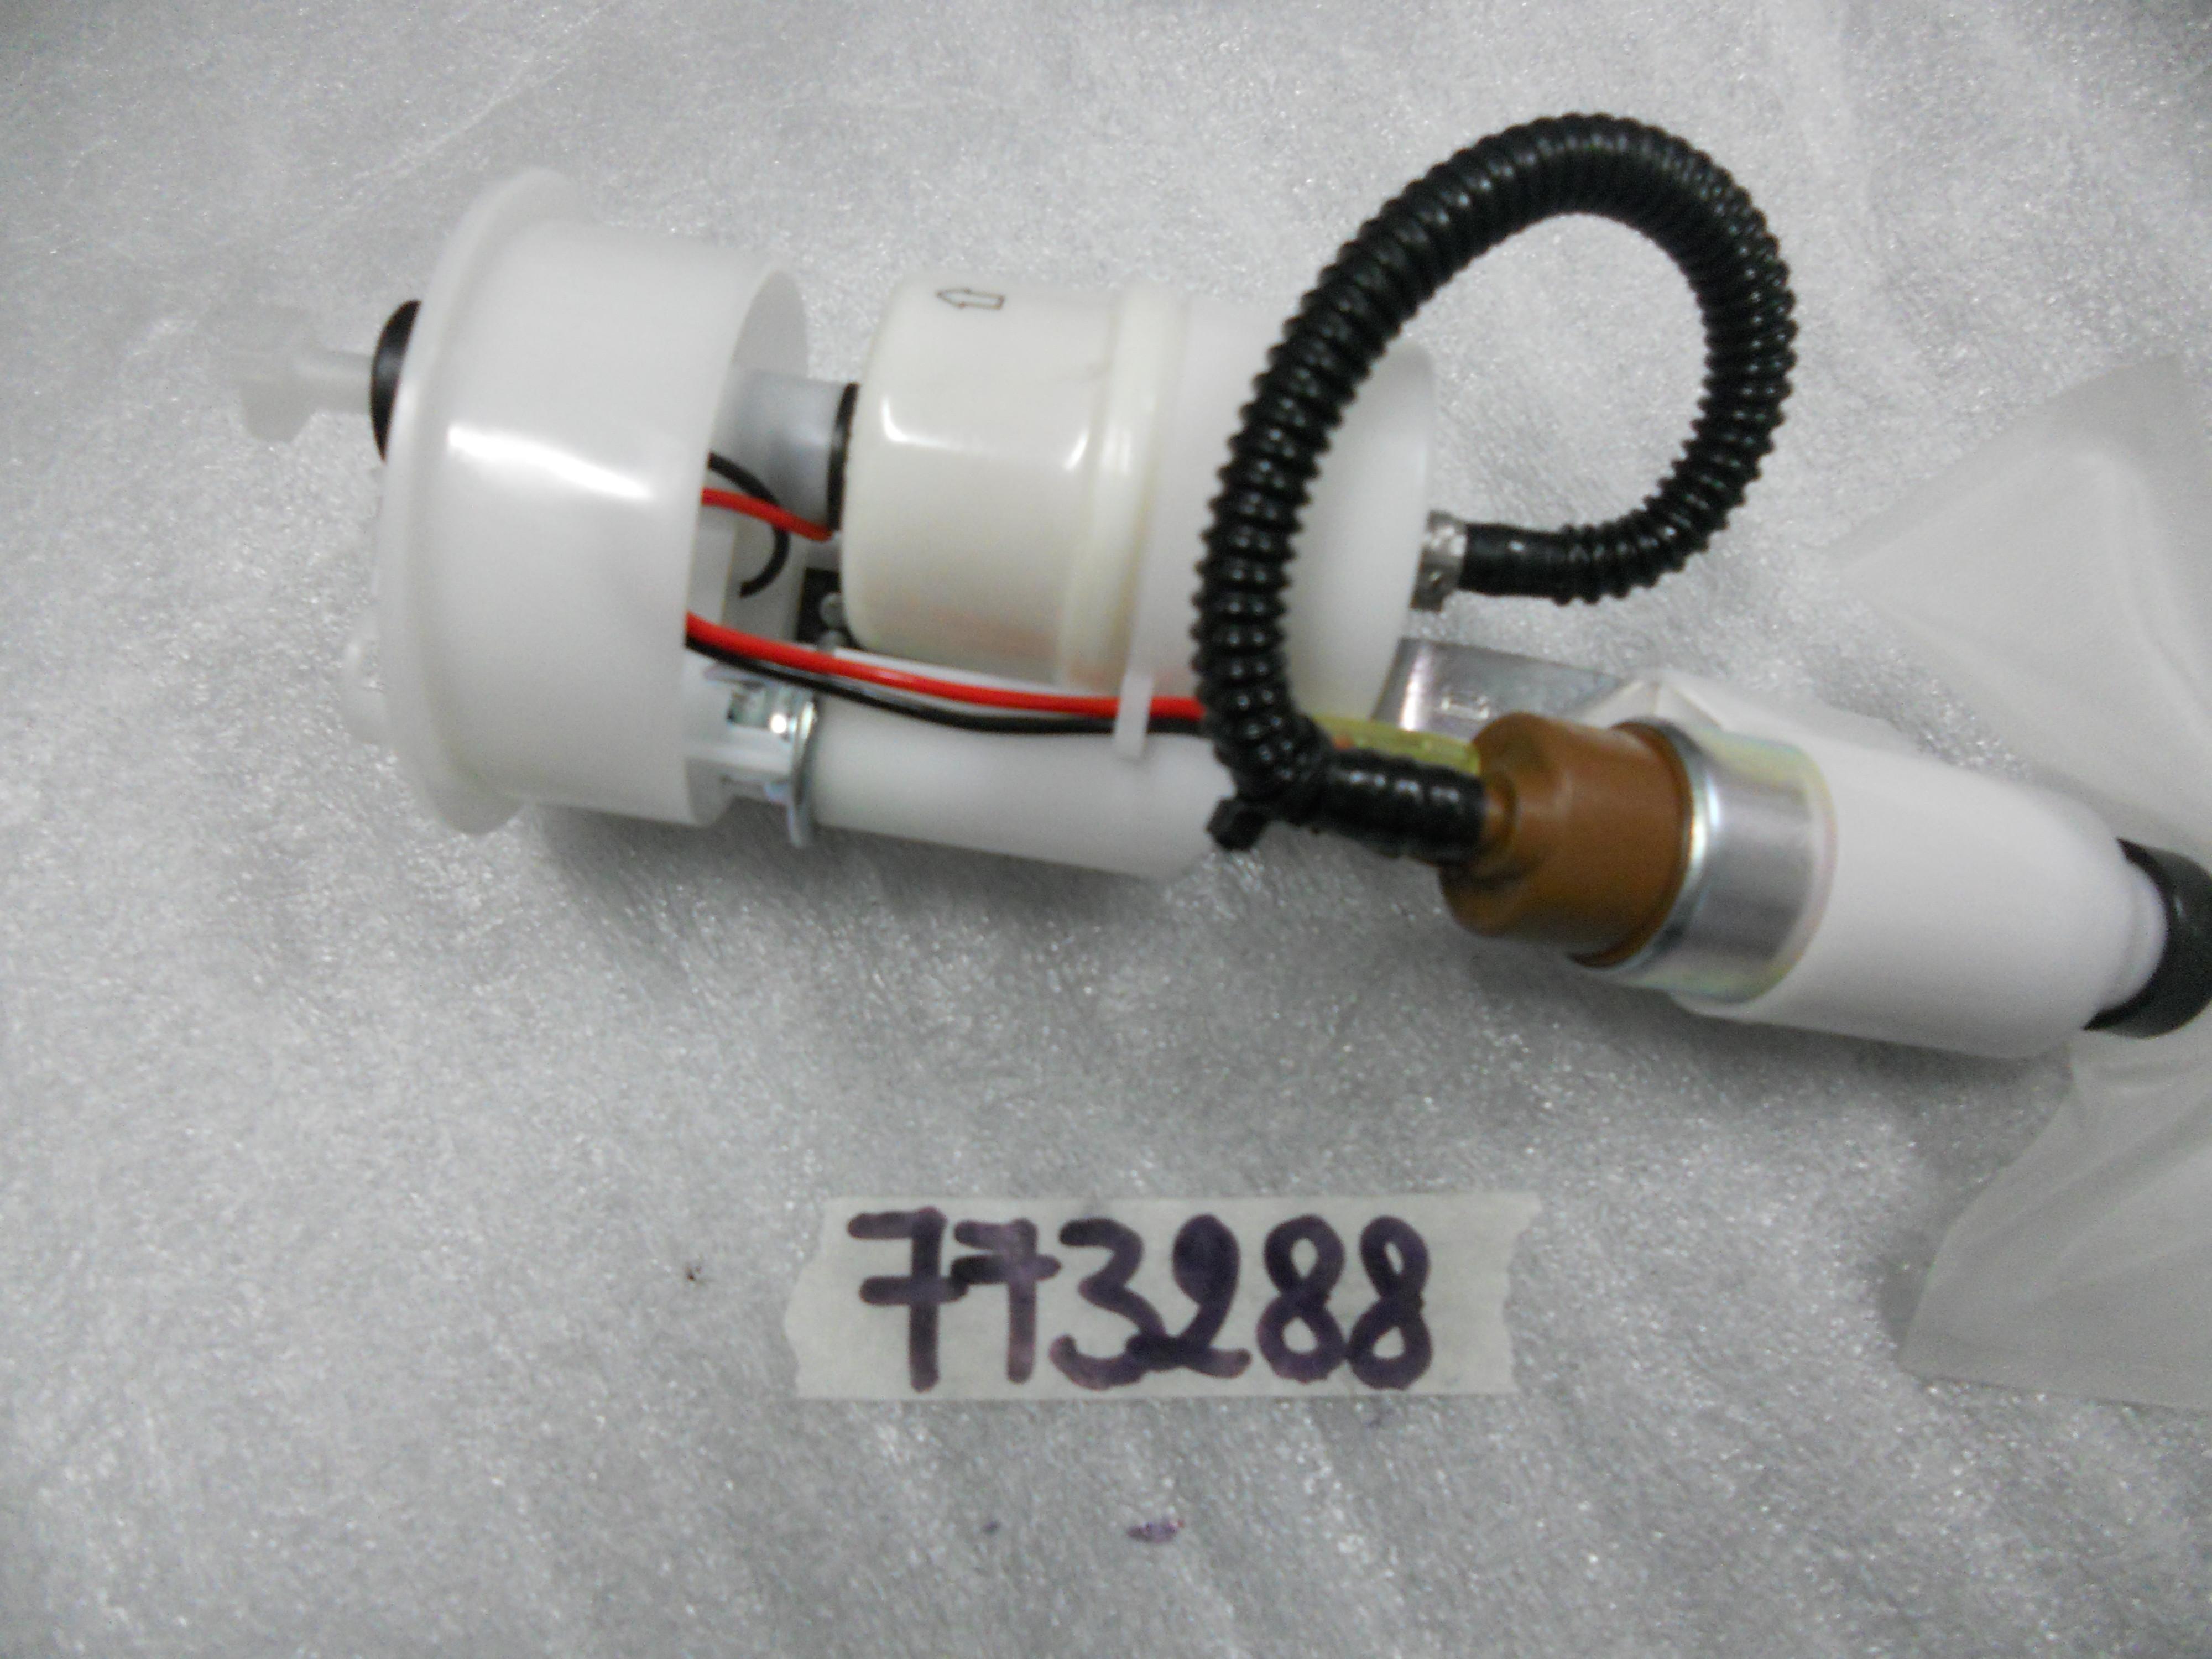 KIMISS Pompa carburante accessori di ricambio per pompa carburante tipo Inline esterno universale 300LPH 0580254044